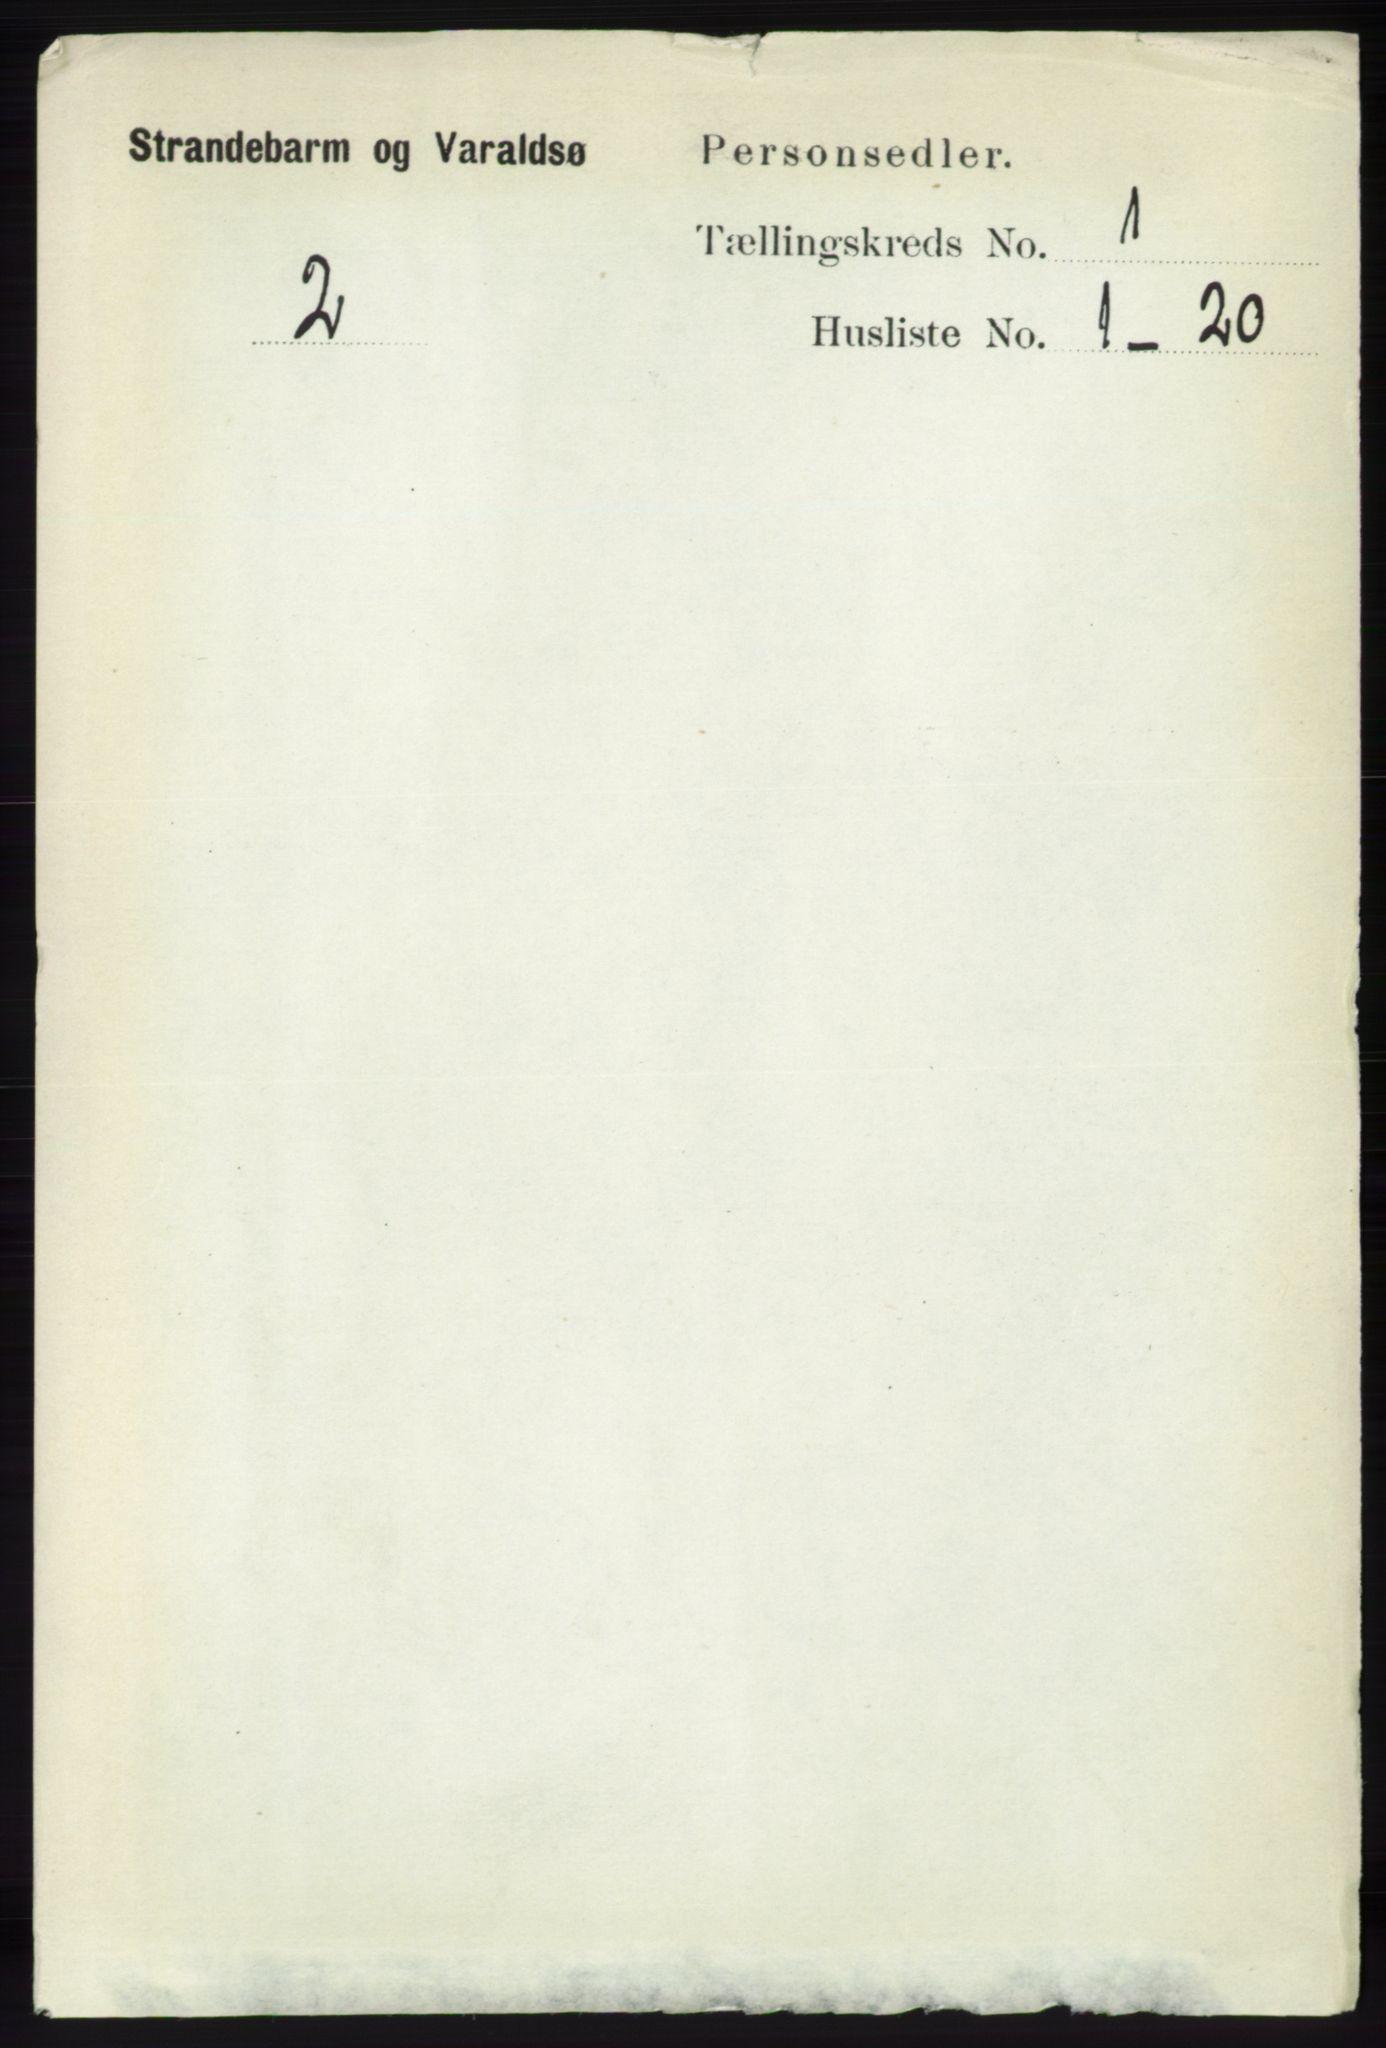 RA, Folketelling 1891 for 1226 Strandebarm og Varaldsøy herred, 1891, s. 90